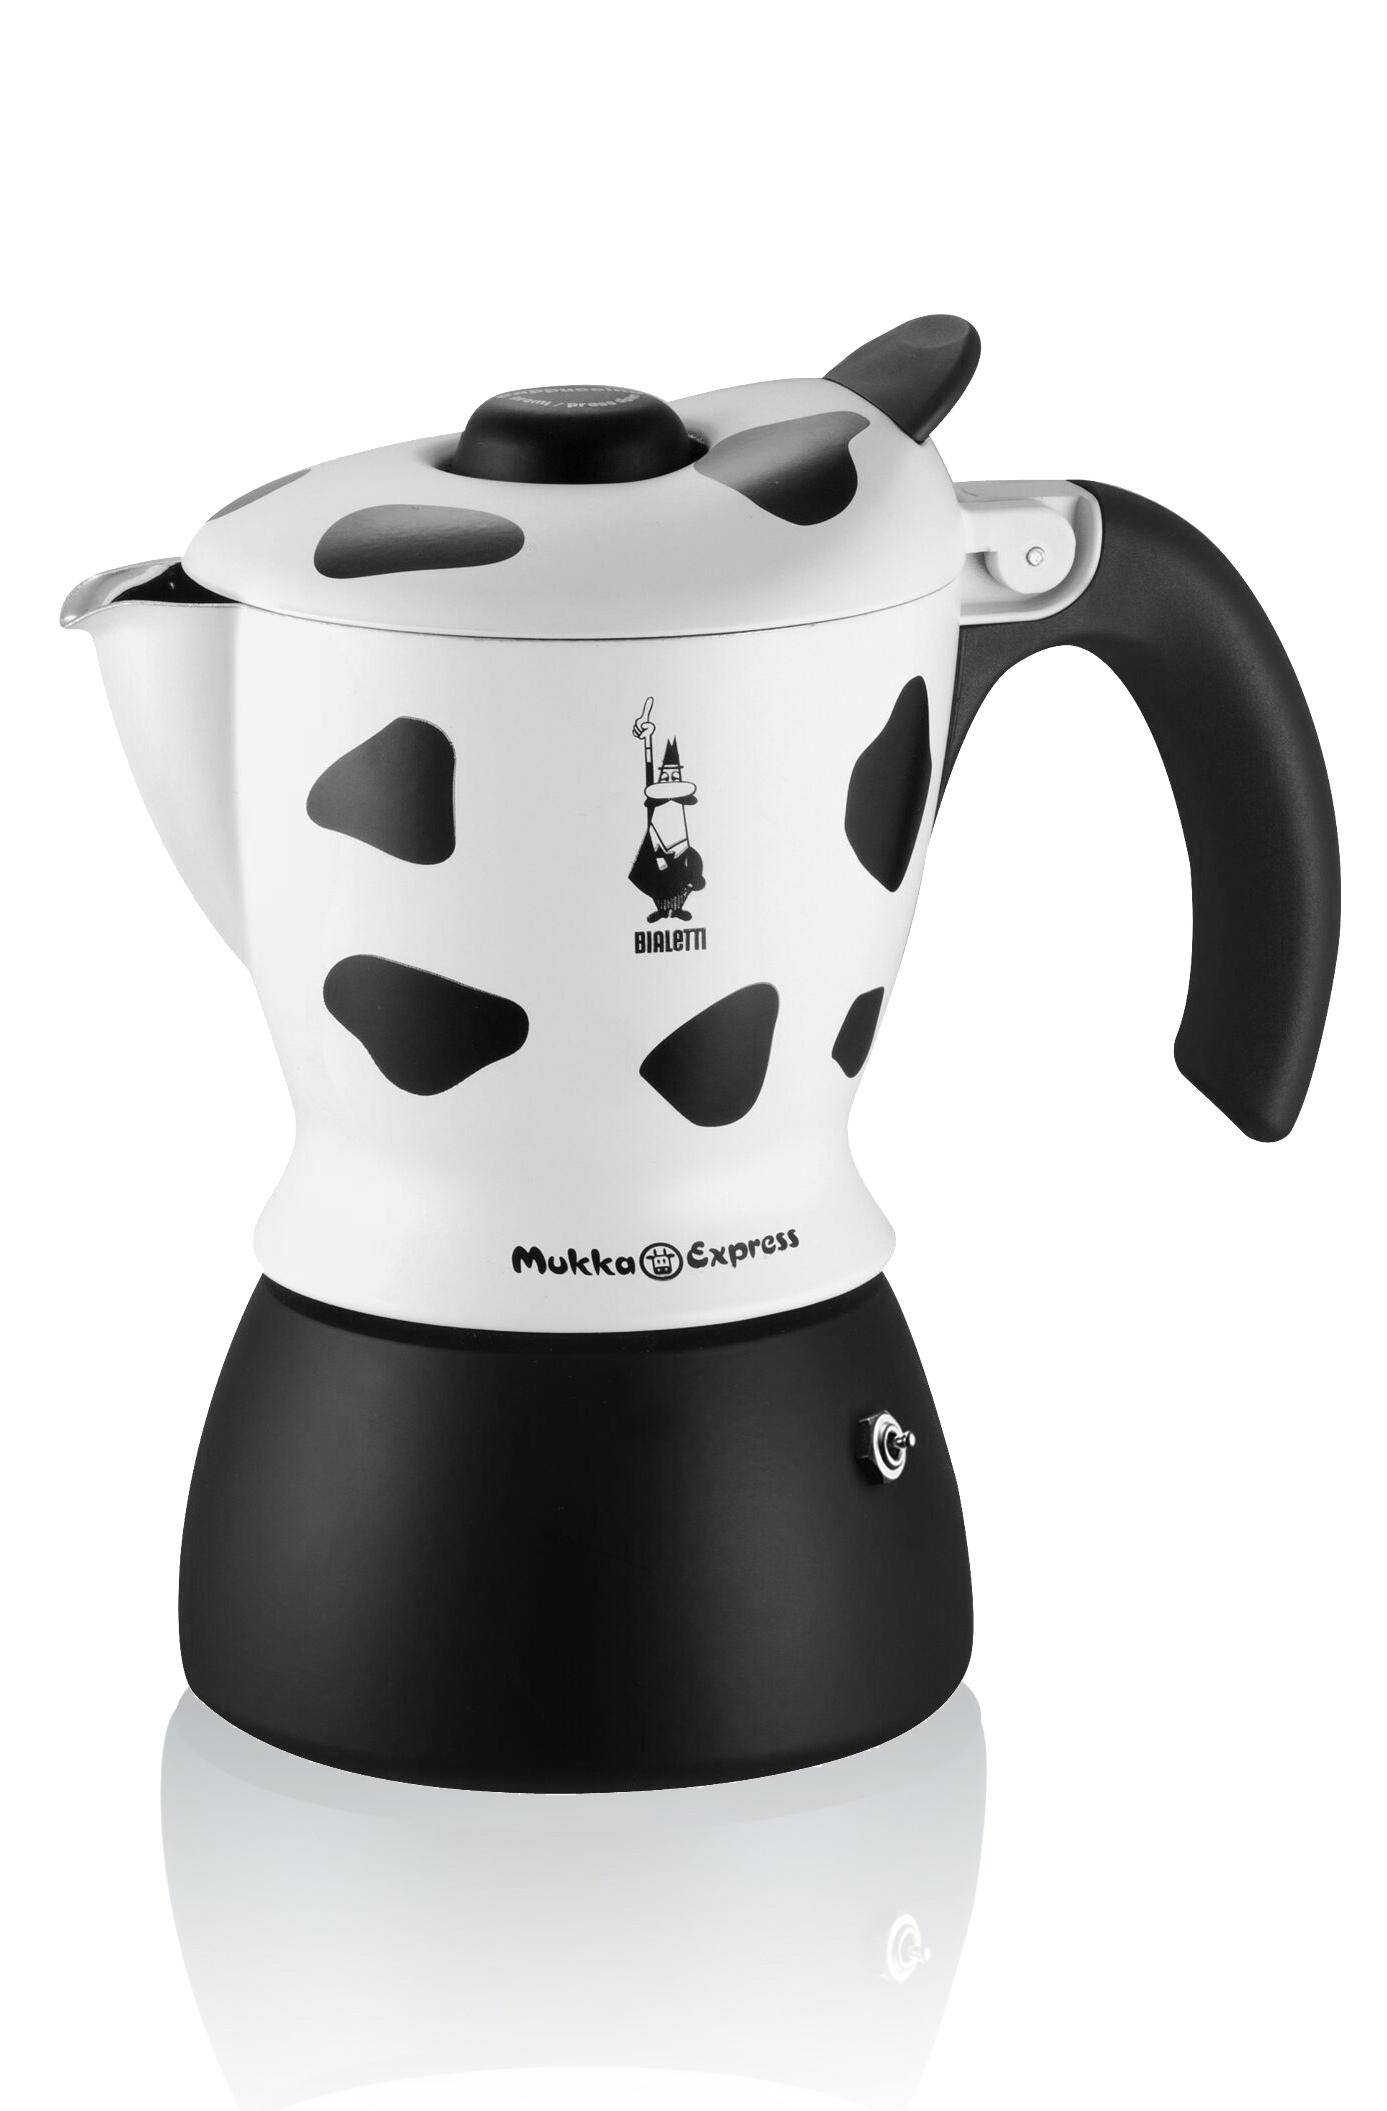 Гейзерная кофеварка Bialetti Mukka Express, на 2 чашки капучино, черный, белый кофеварка гейзерная bialetti moka induzione 3 порции сталь 4922